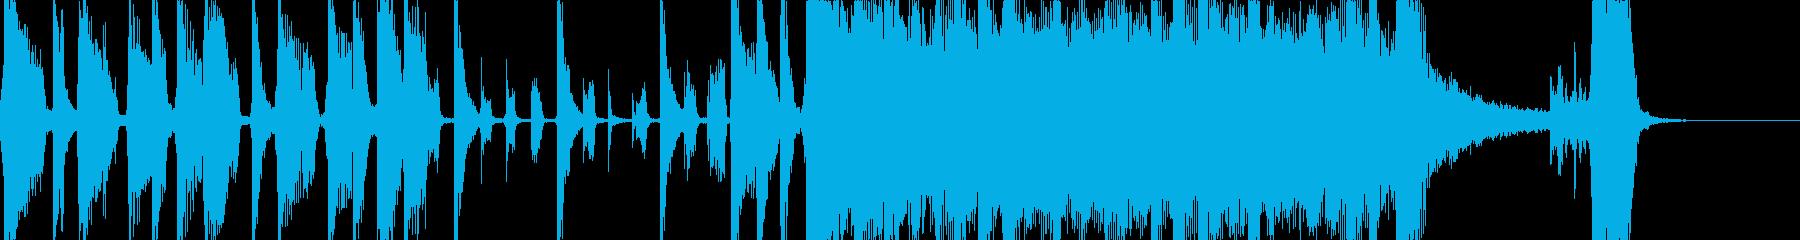 シンセがおしゃれなバンドサウンド曲の再生済みの波形